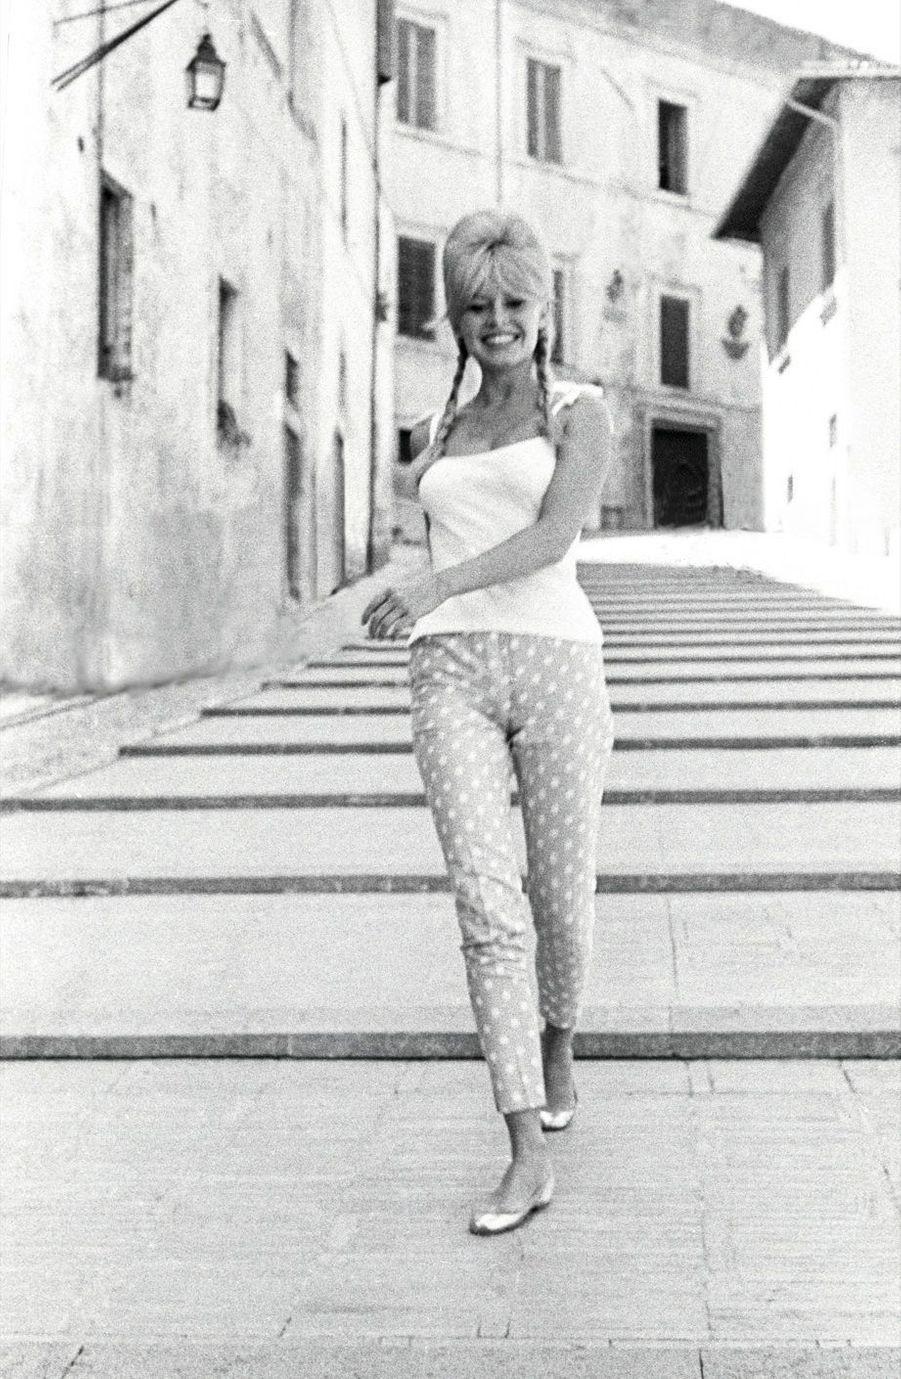 Brigitte Bardot, en 1961, à Spolète (Ombrie). Elle tourne « Vie privée » de Louis Malle.